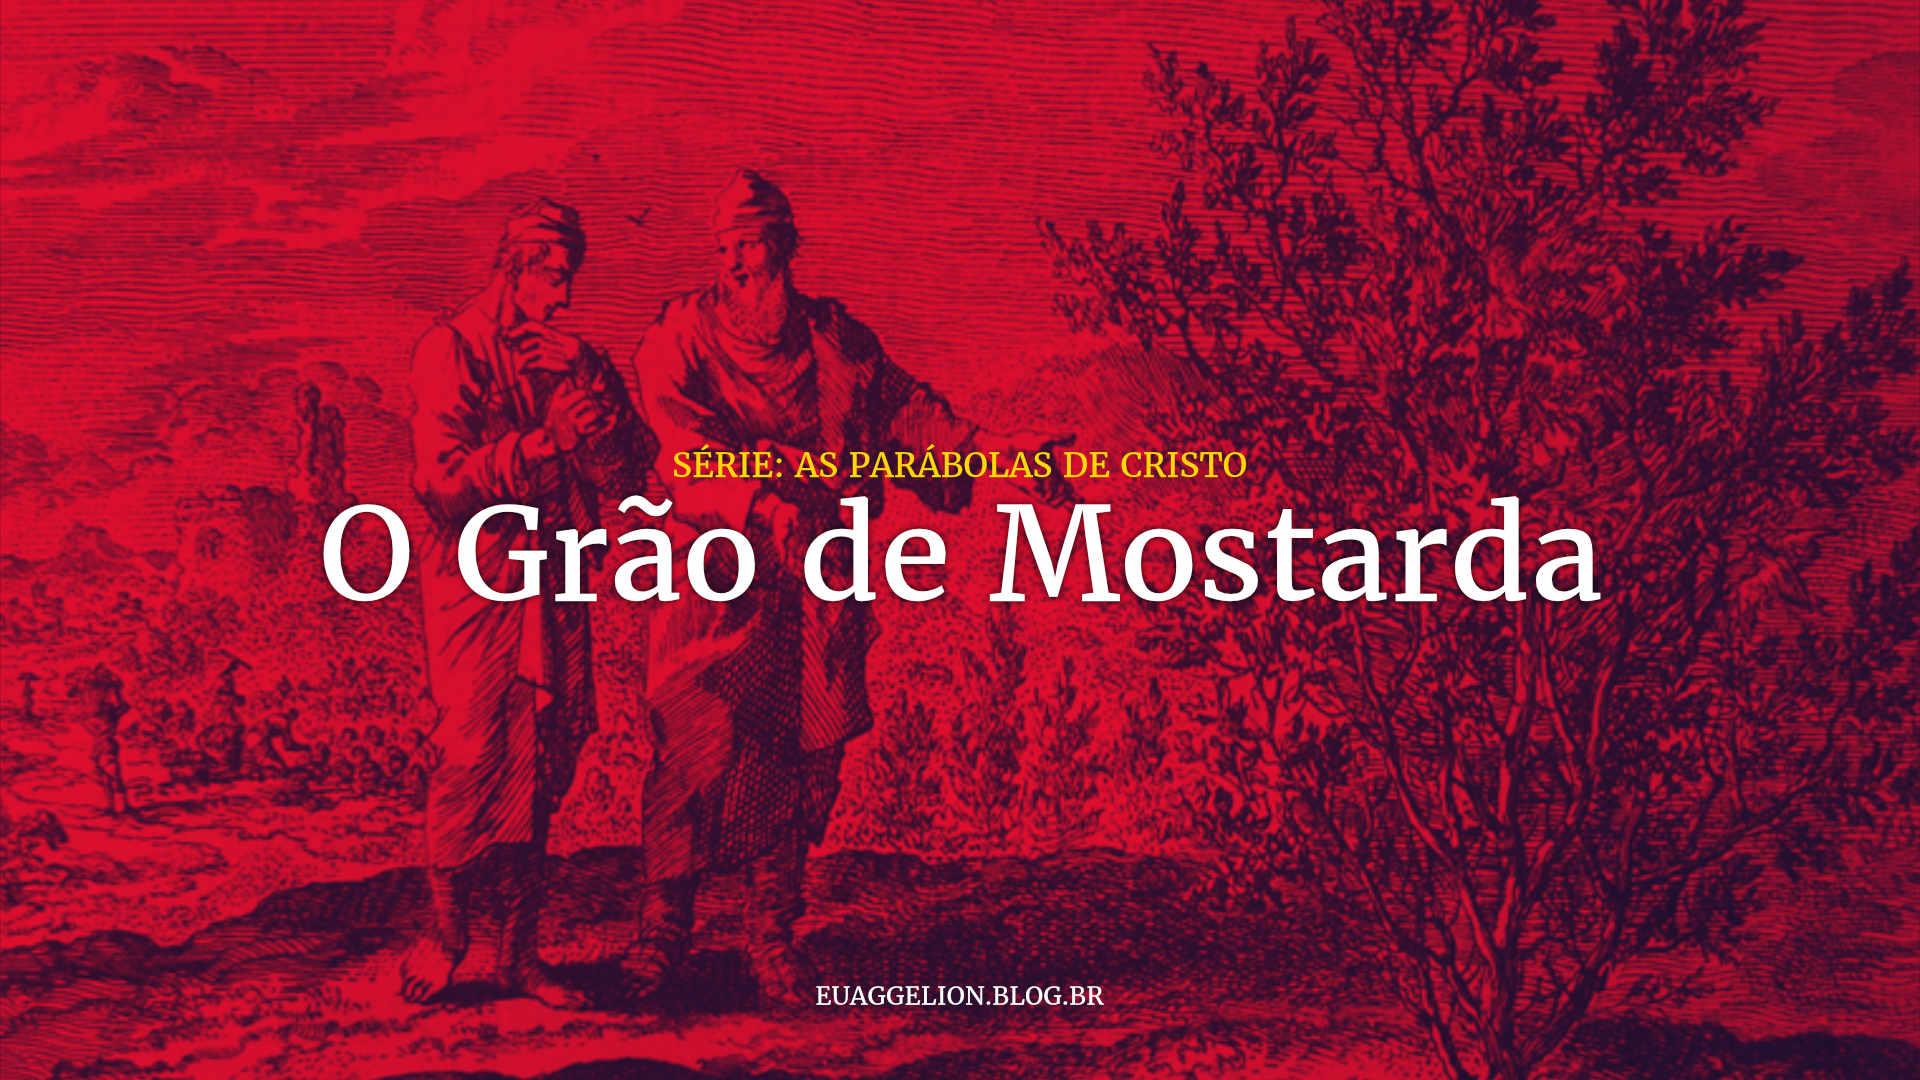 O Grão de Mostarda - Série: As Parábolas de Jesus